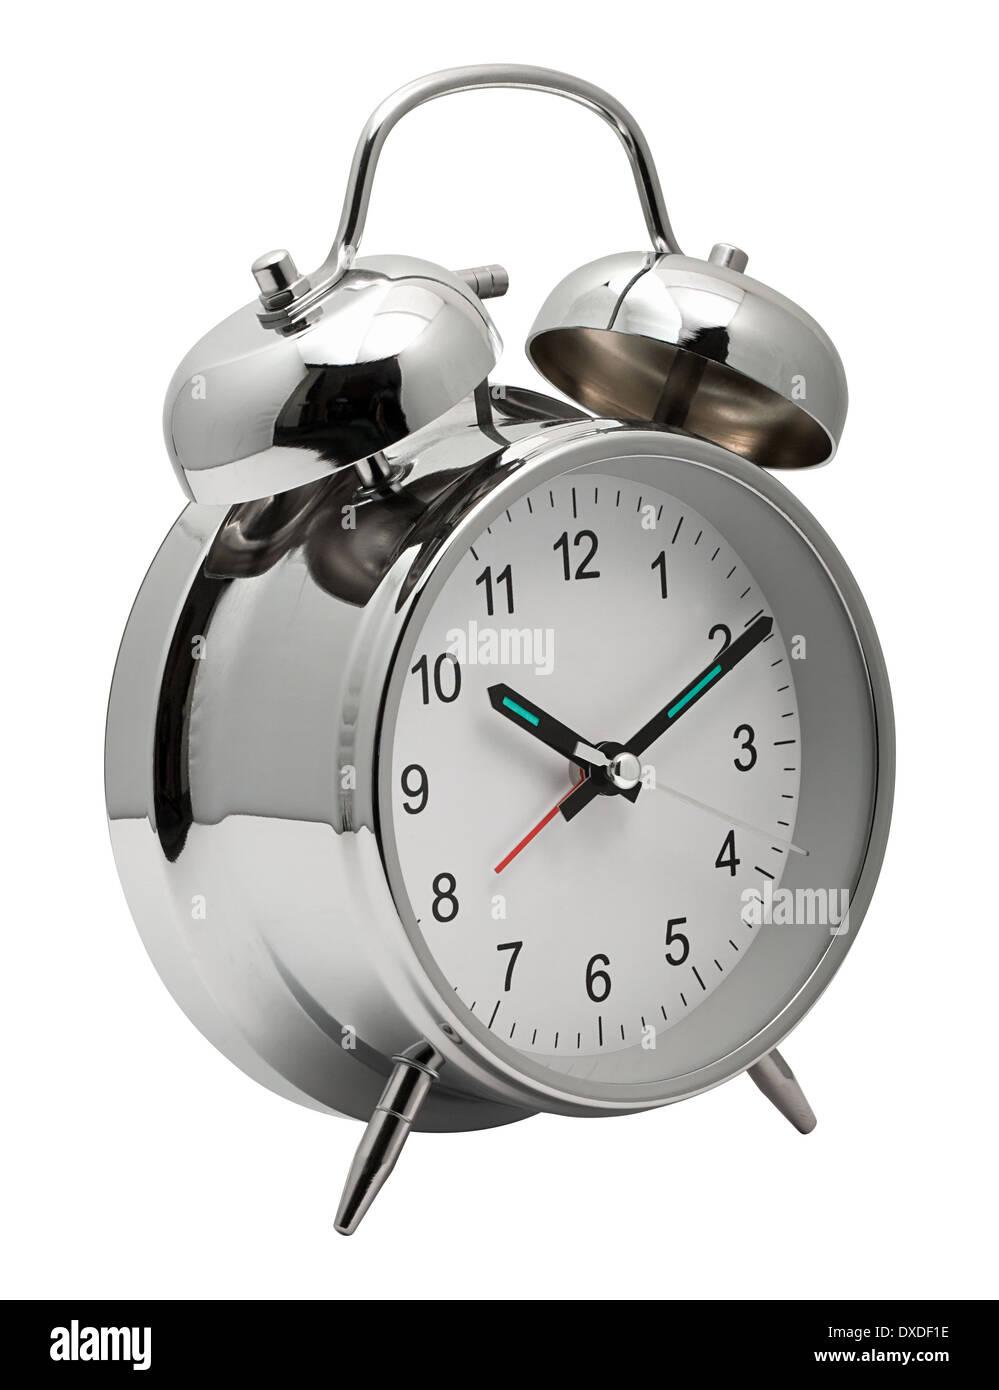 Classic Silver cromado reloj con campanas de alarma en la parte superior para salir de la cama Imagen De Stock